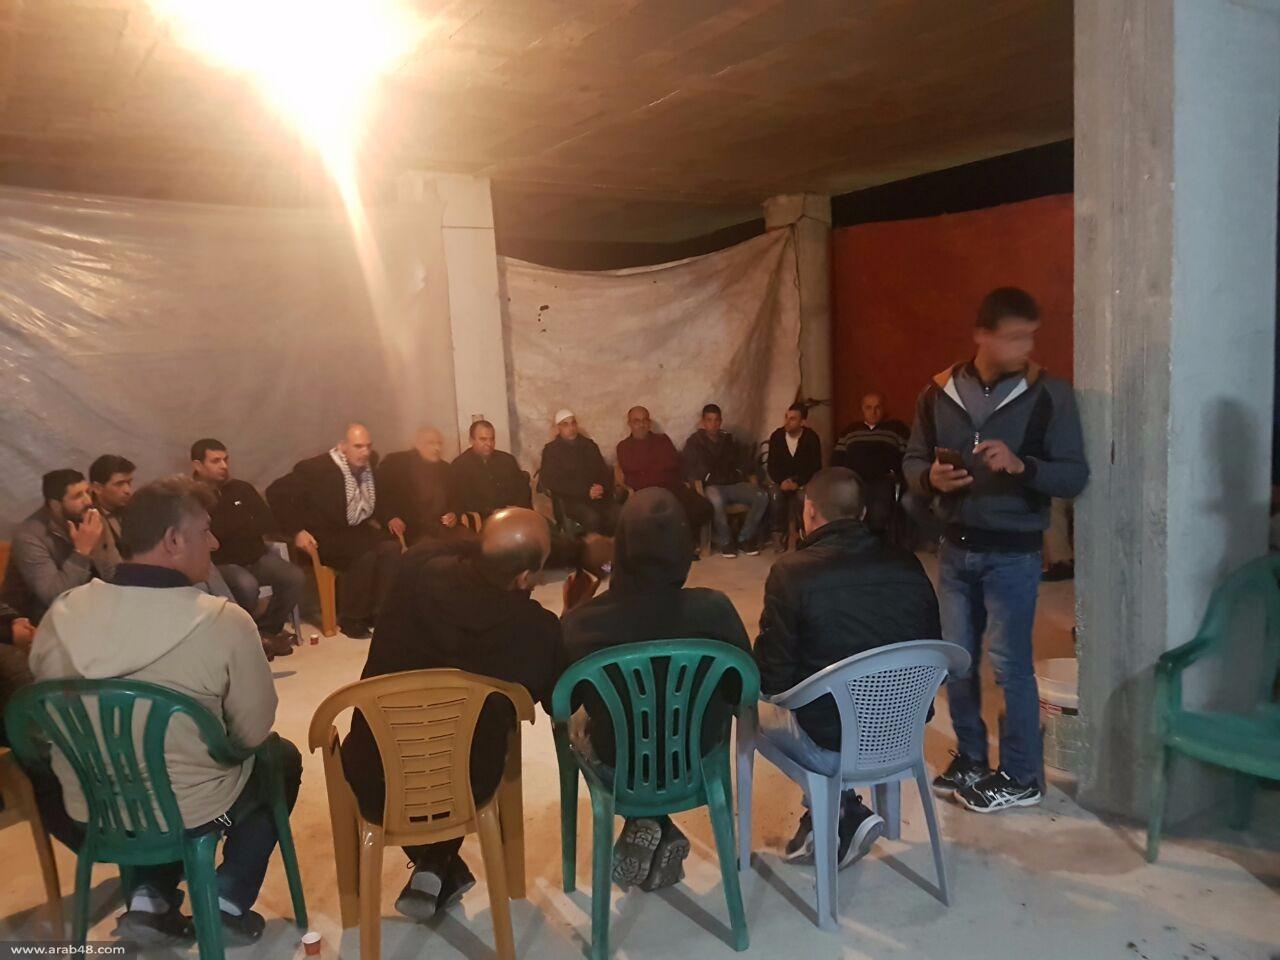 عرعرة: اللجنة الشعبية تدعو للتضامن مع أصحاب البيوت المهددة